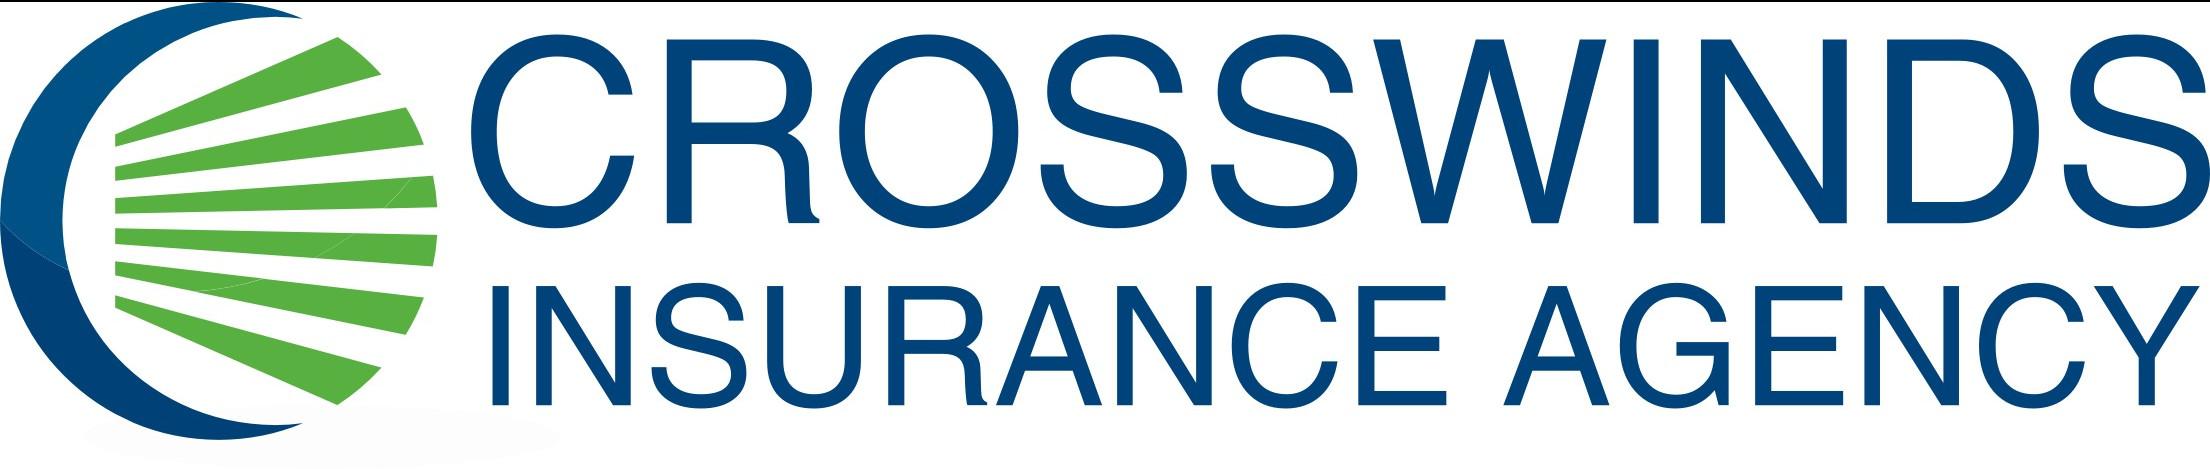 Crosswinds Insurance